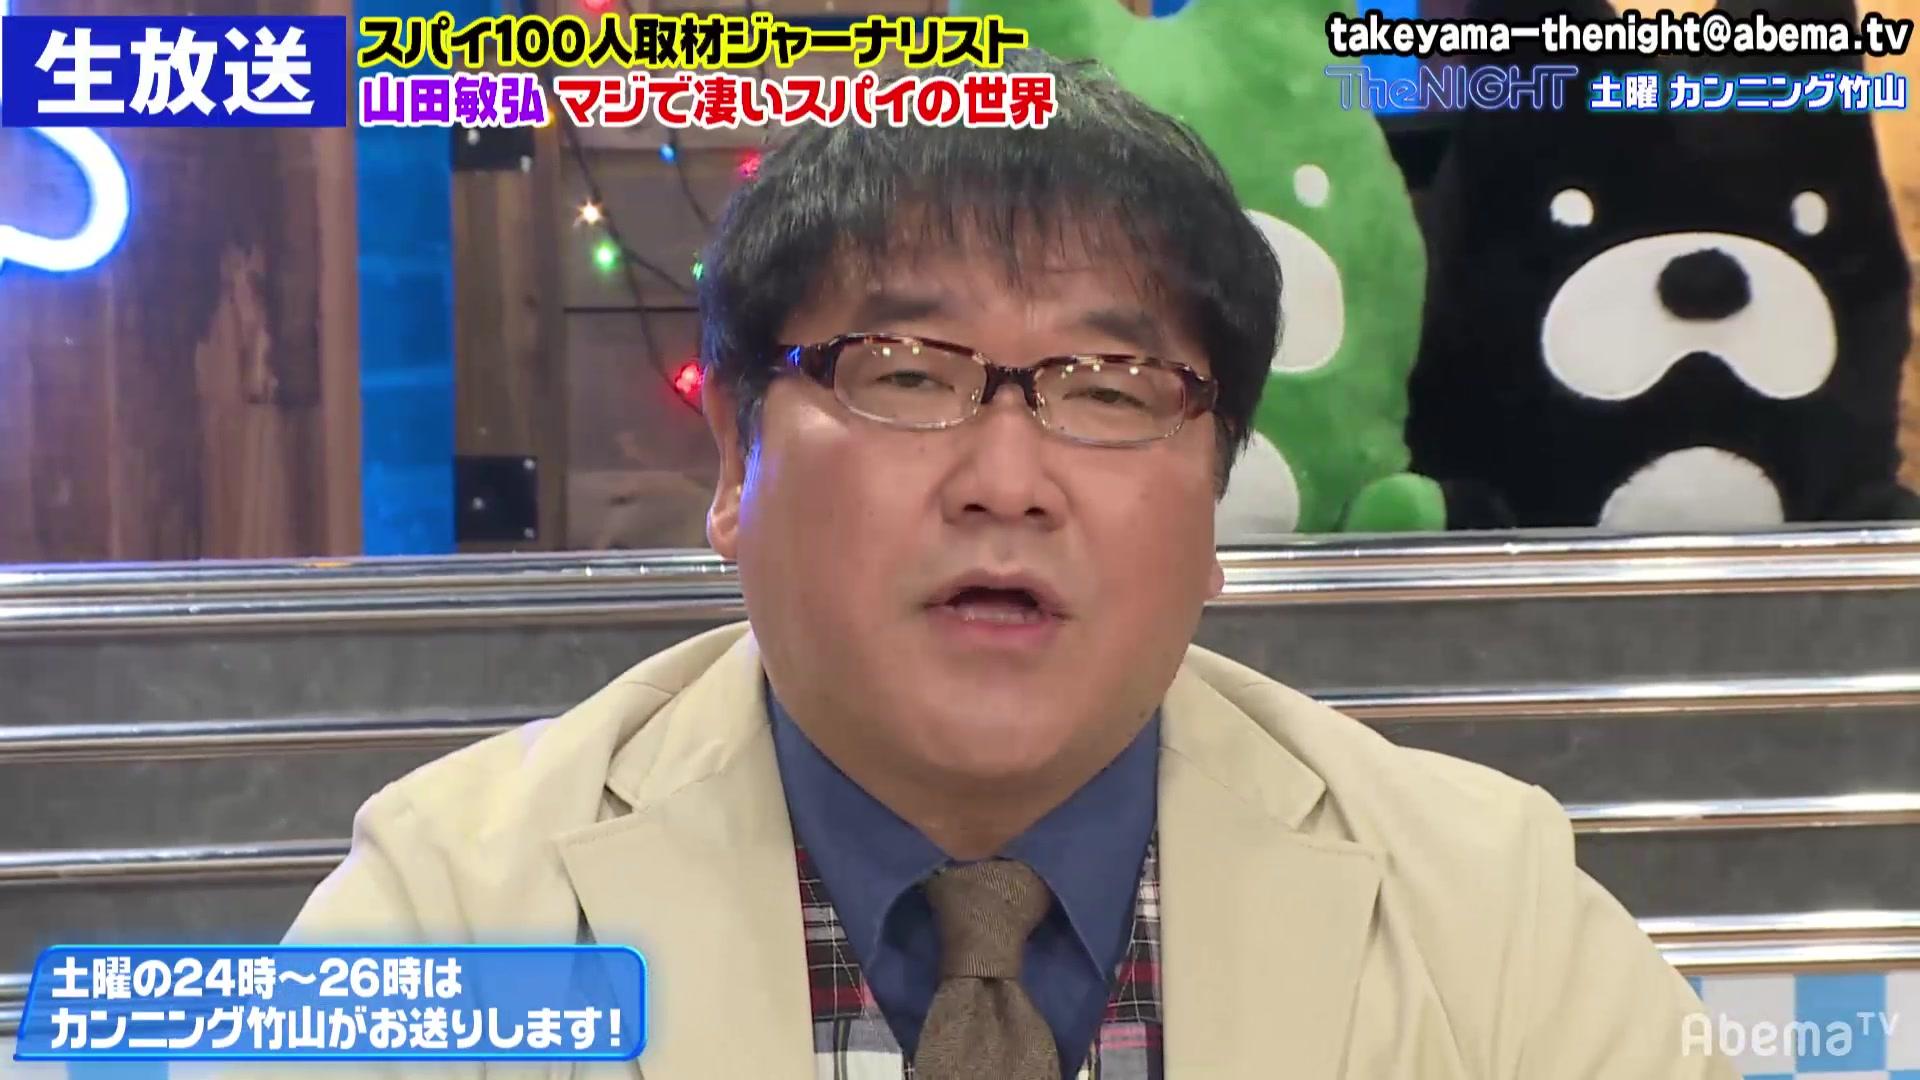 スパローズ 竹山 SALU、『竹山ロックンロール』次回放送に登場